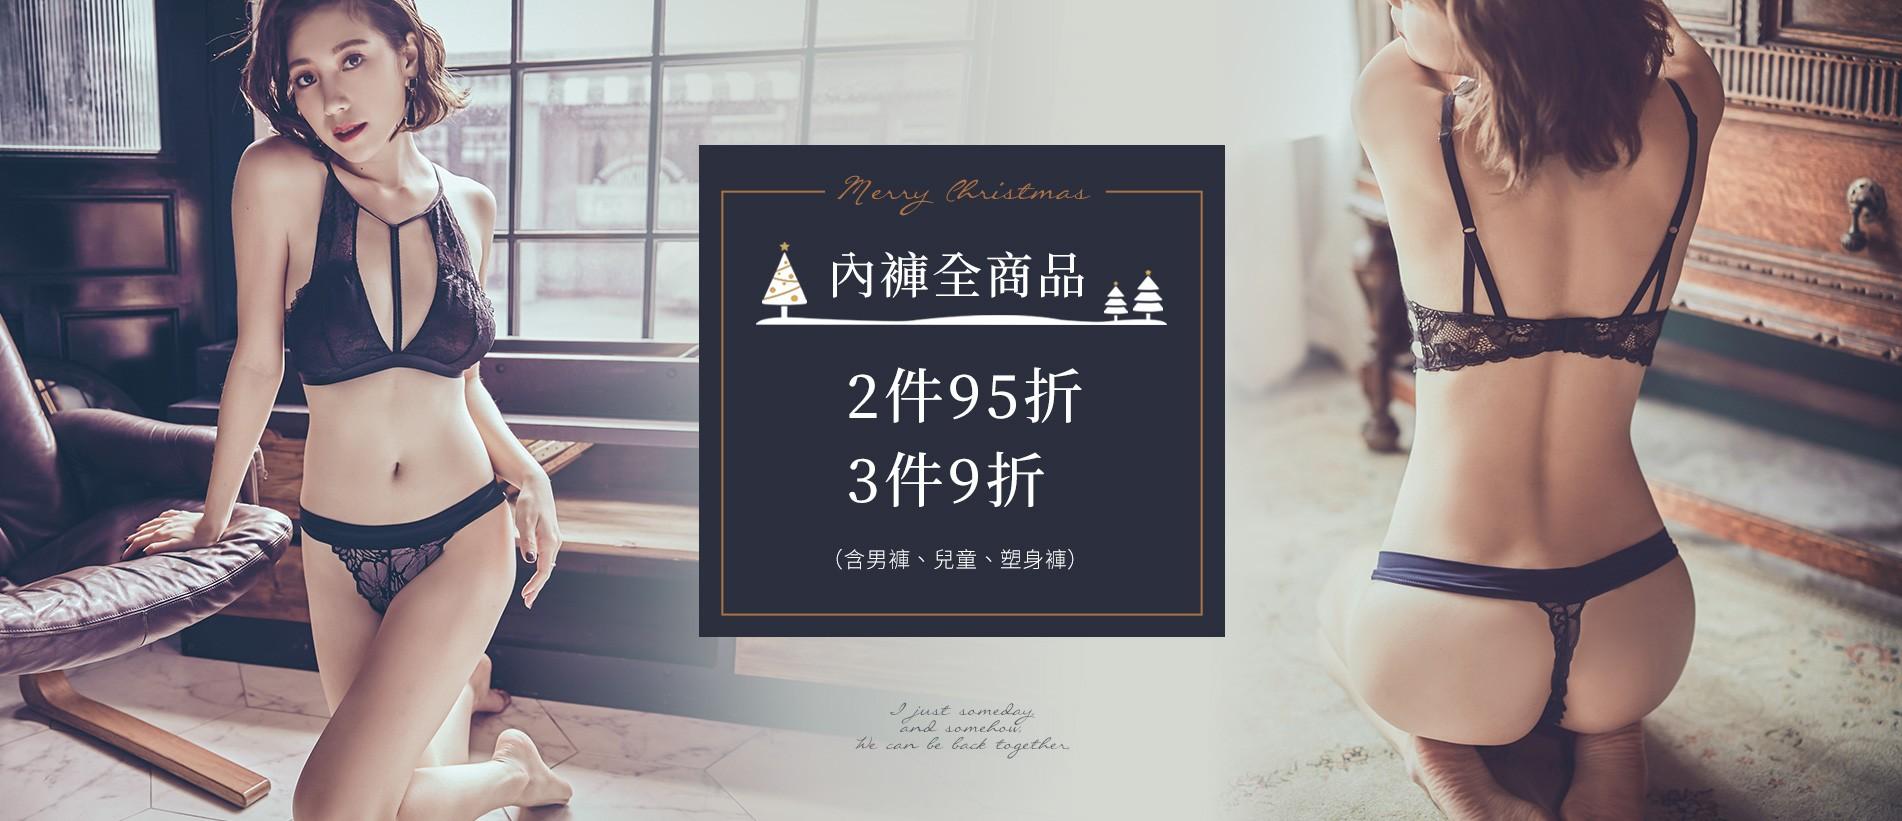 1211 聖誕活動-內褲優惠